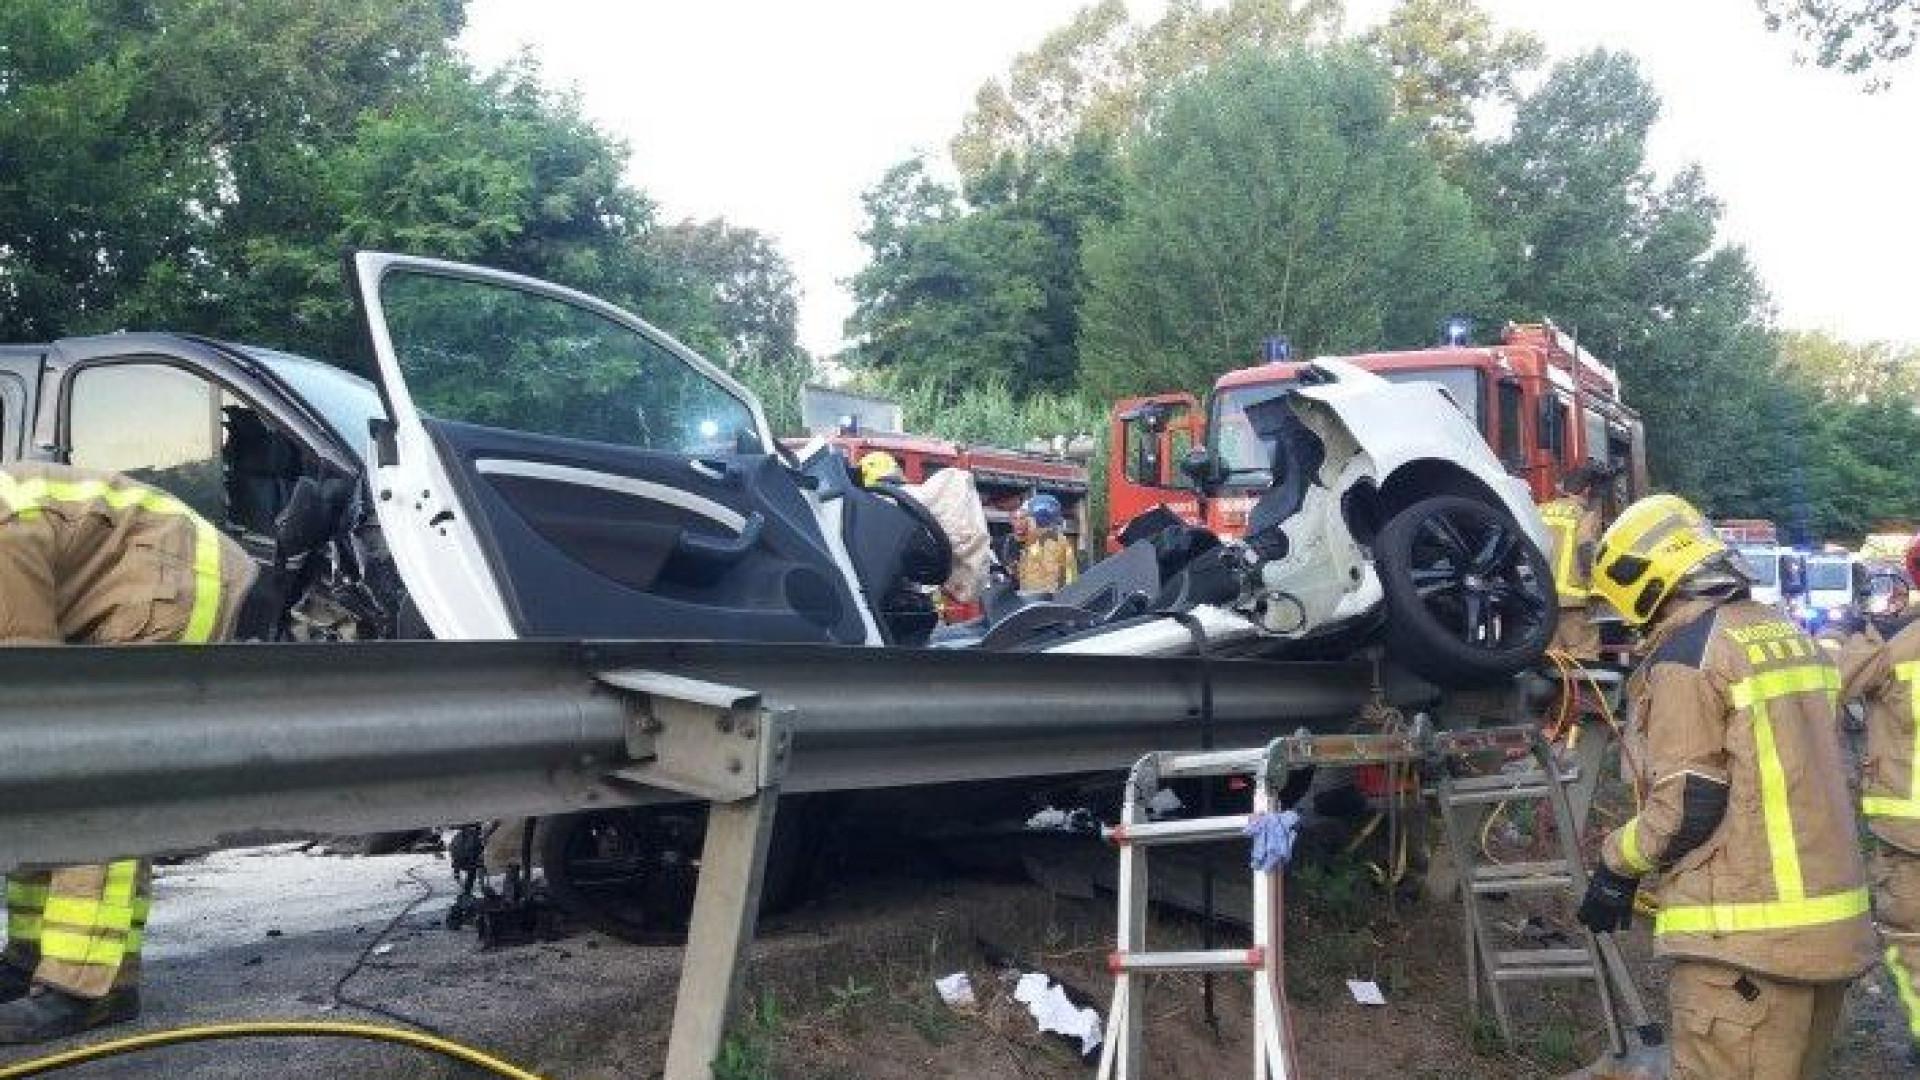 Quatro jovens morrem em acidente em Espanha. Tinham entre 23 e 29 anos